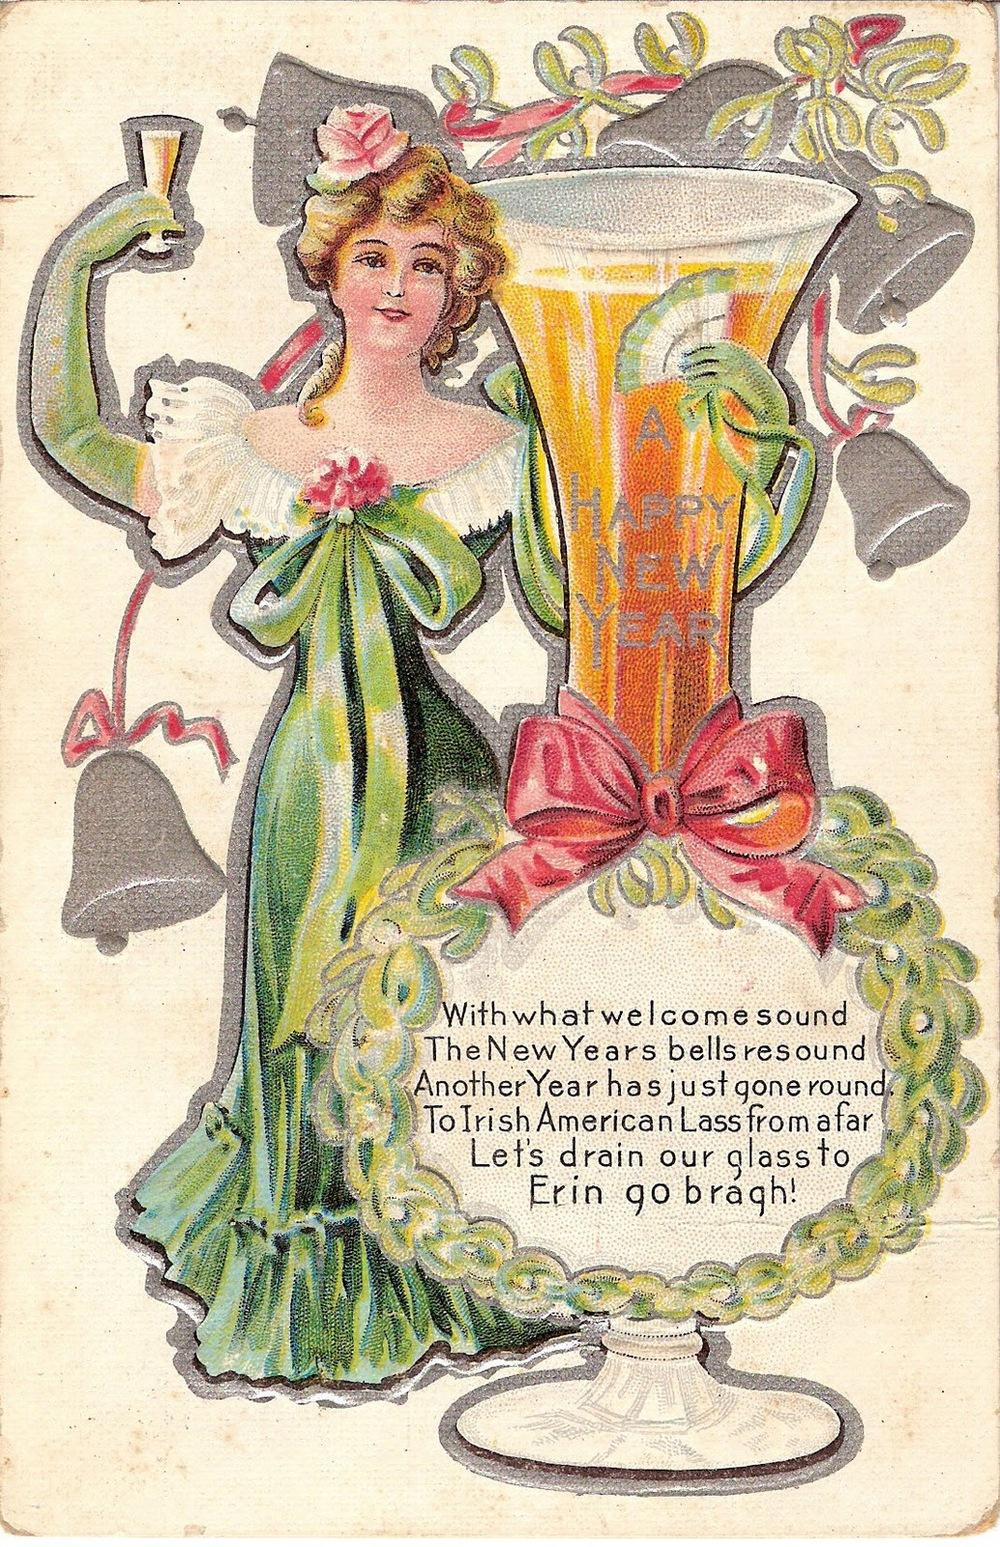 Happy new year irish lass.jpg